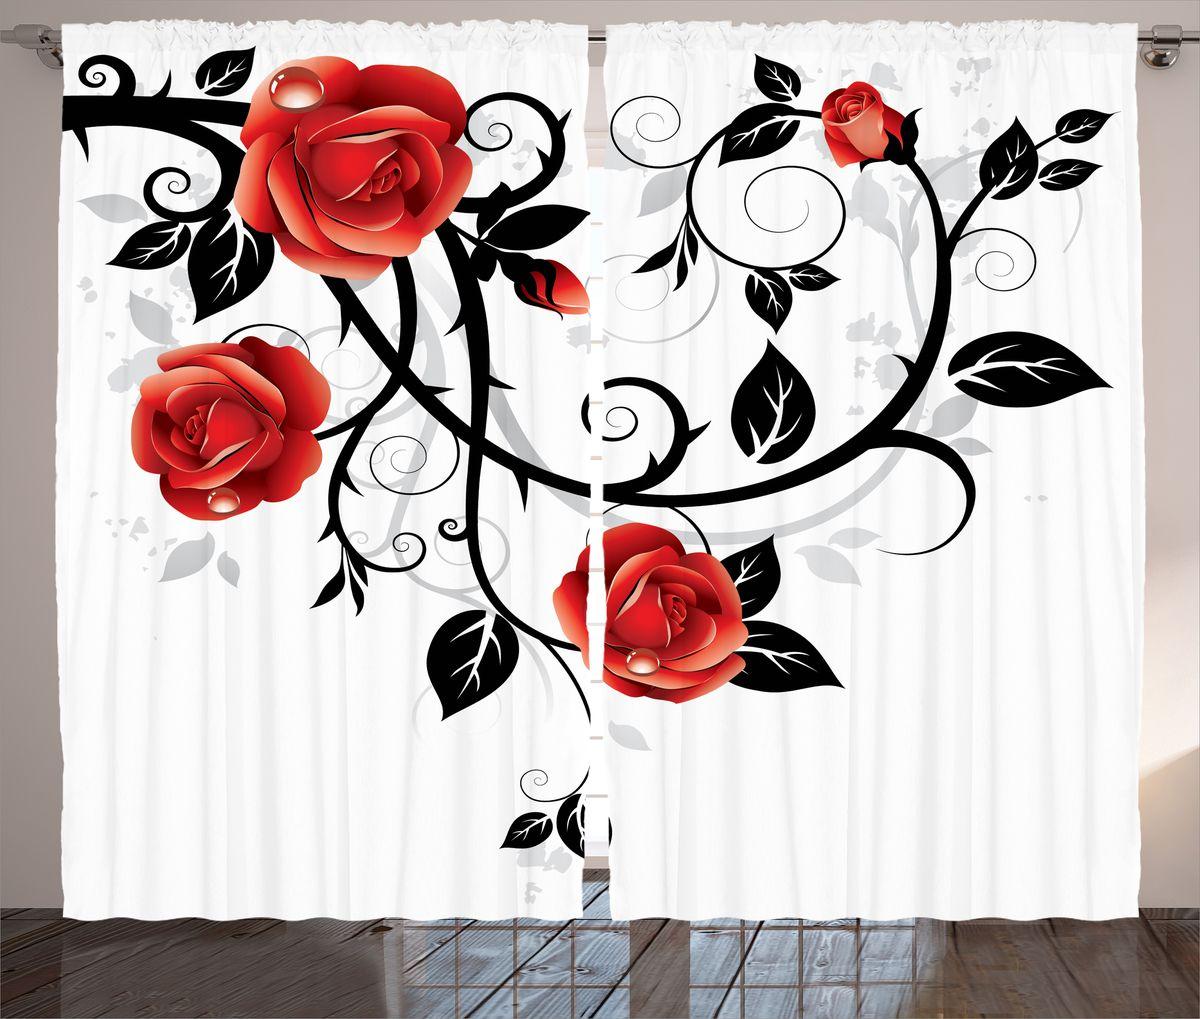 Комплект фотоштор Magic Lady Алые розы в росе, на ленте, высота 265 см. шсг_15439шсг_15439Компания Сэмболь изготавливает шторы из высококачественного сатена (полиэстер 100%). При изготовлении используются специальные гипоаллергенные чернила для прямой печати по ткани, безопасные для человека и животных. Экологичность продукции Magic lady и безопасность для окружающей среды подтверждены сертификатом Oeko-Tex Standard 100. Крепление: крючки для крепления на шторной ленте (50 шт). Возможно крепление на трубу. Внимание! При нанесении сублимационной печати на ткань технологическим методом при температуре 240°С, возможно отклонение полученных размеров (указанных на этикетке и сайте) от стандартных на + - 3-5 см. Производитель старается максимально точно передать цвета изделия на фотографиях, однако искажения неизбежны и фактический цвет изделия может отличаться от воспринимаемого по фото. Обратите внимание! Шторы изготовлены из полиэстра сатенового переплетения, а не из сатина (хлопок). Размер одного полотна шторы: 145х265 см. В комплекте 2...